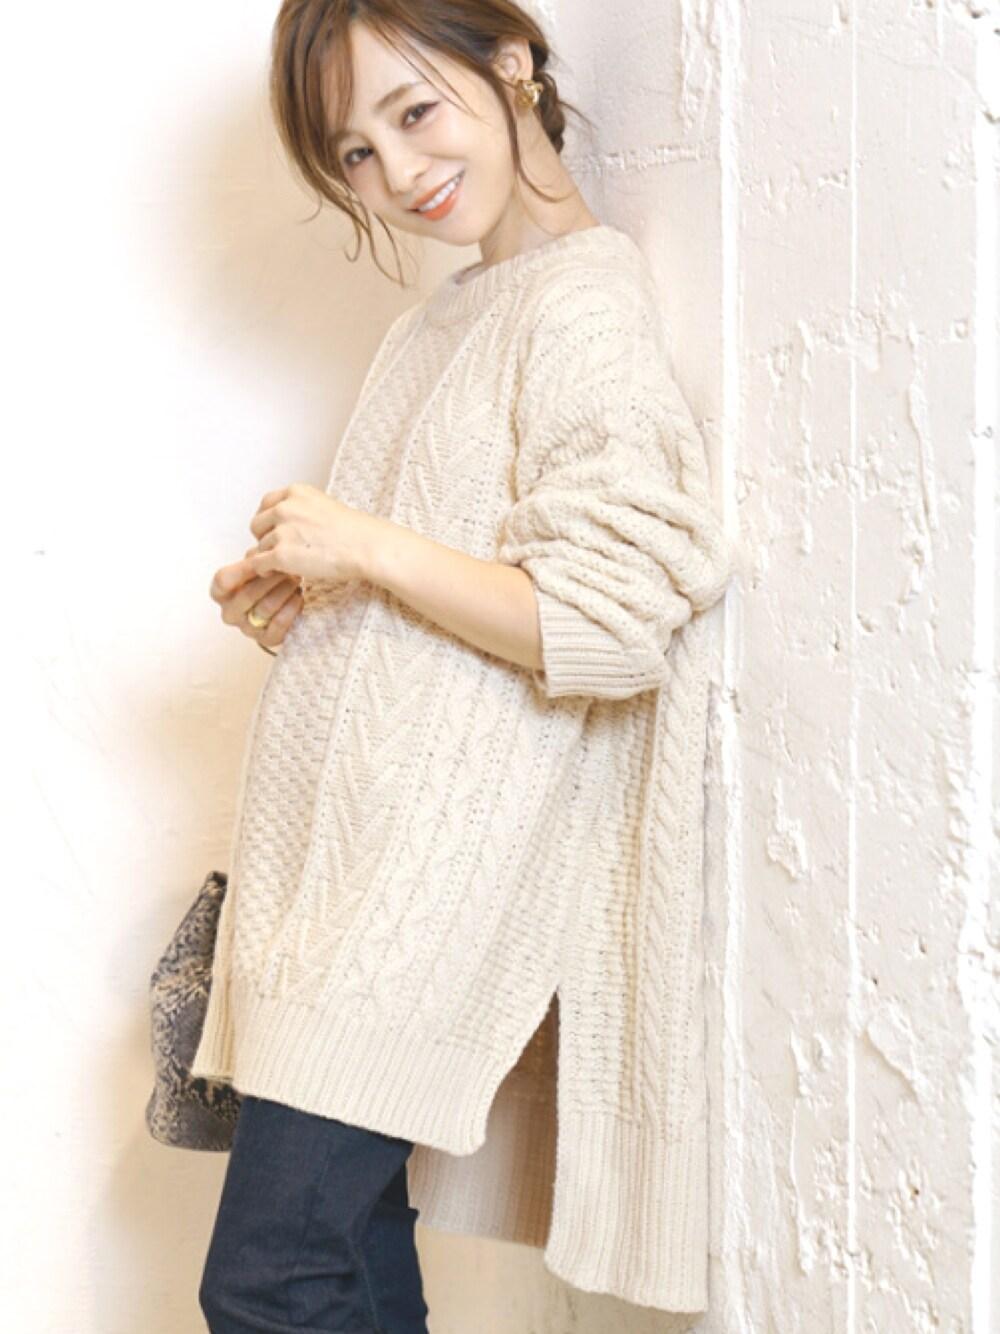 田中亜希子 coca ニット 30代40代おしゃれ服